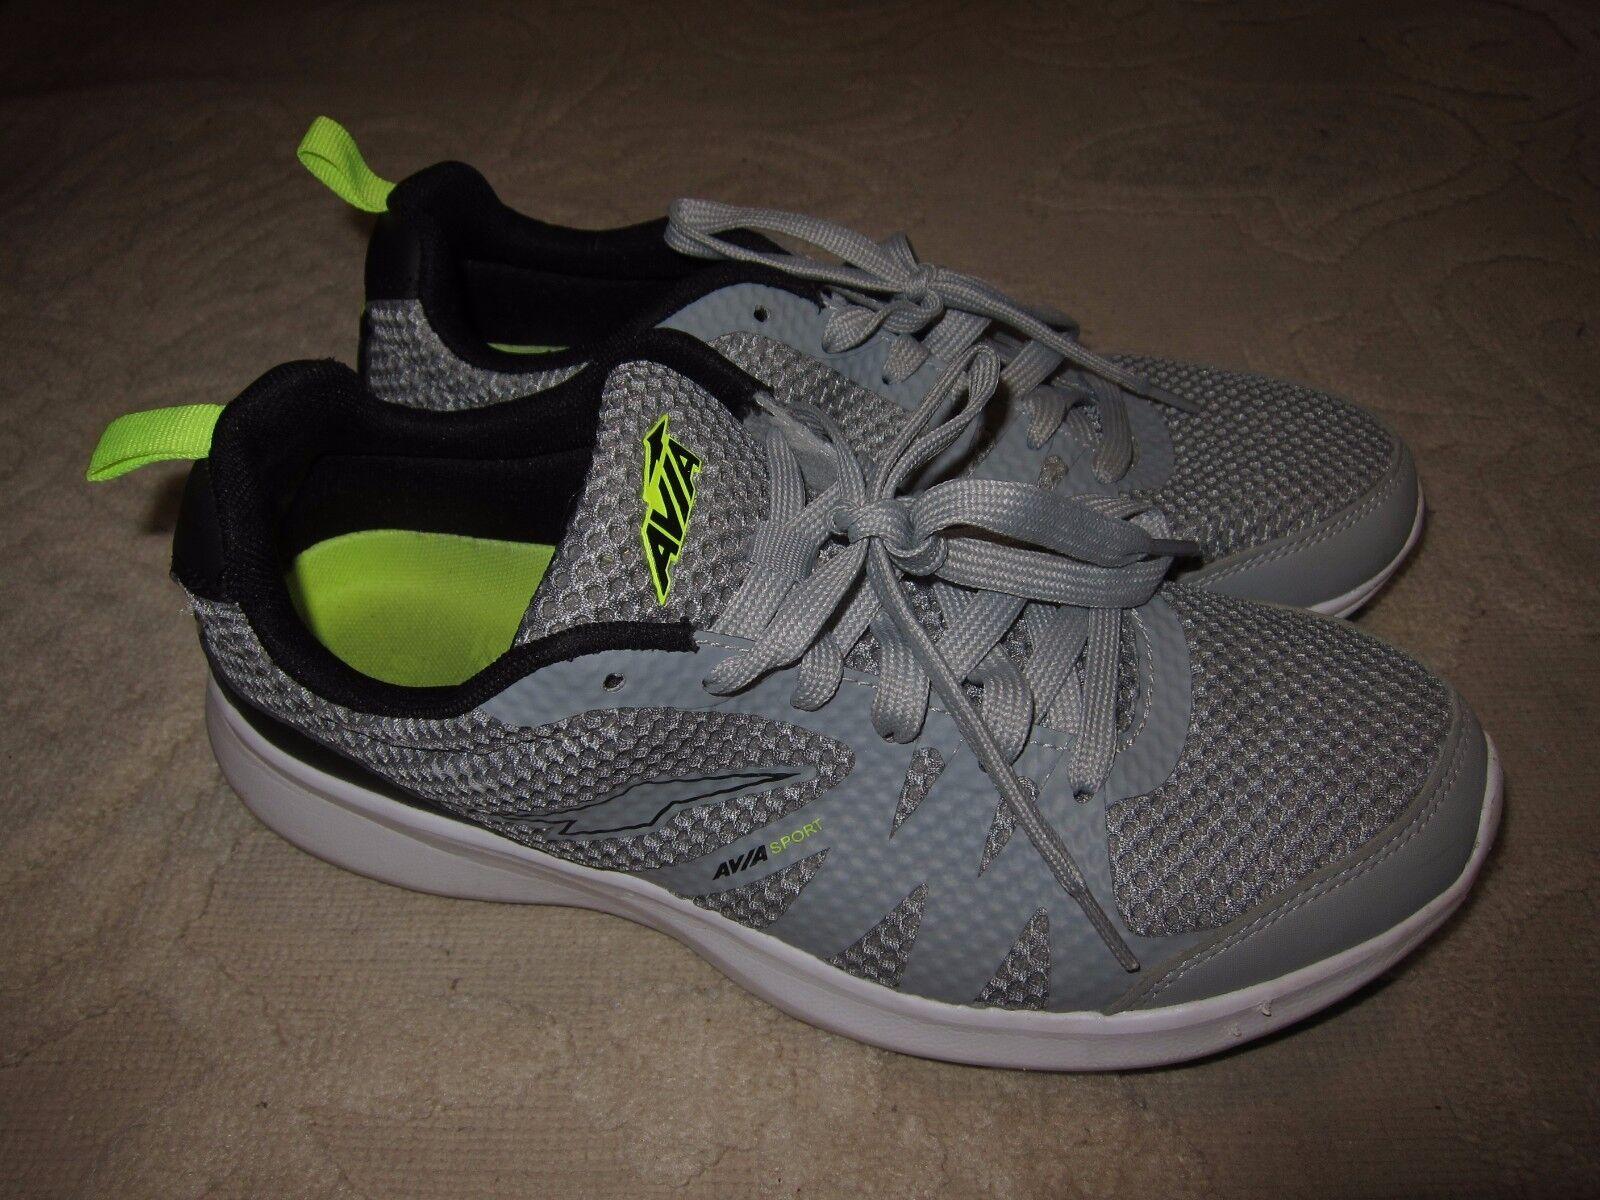 388300f8e63ce ... Avia Sport Capri gray   black men s men s men s athletic running shoes  sneakers